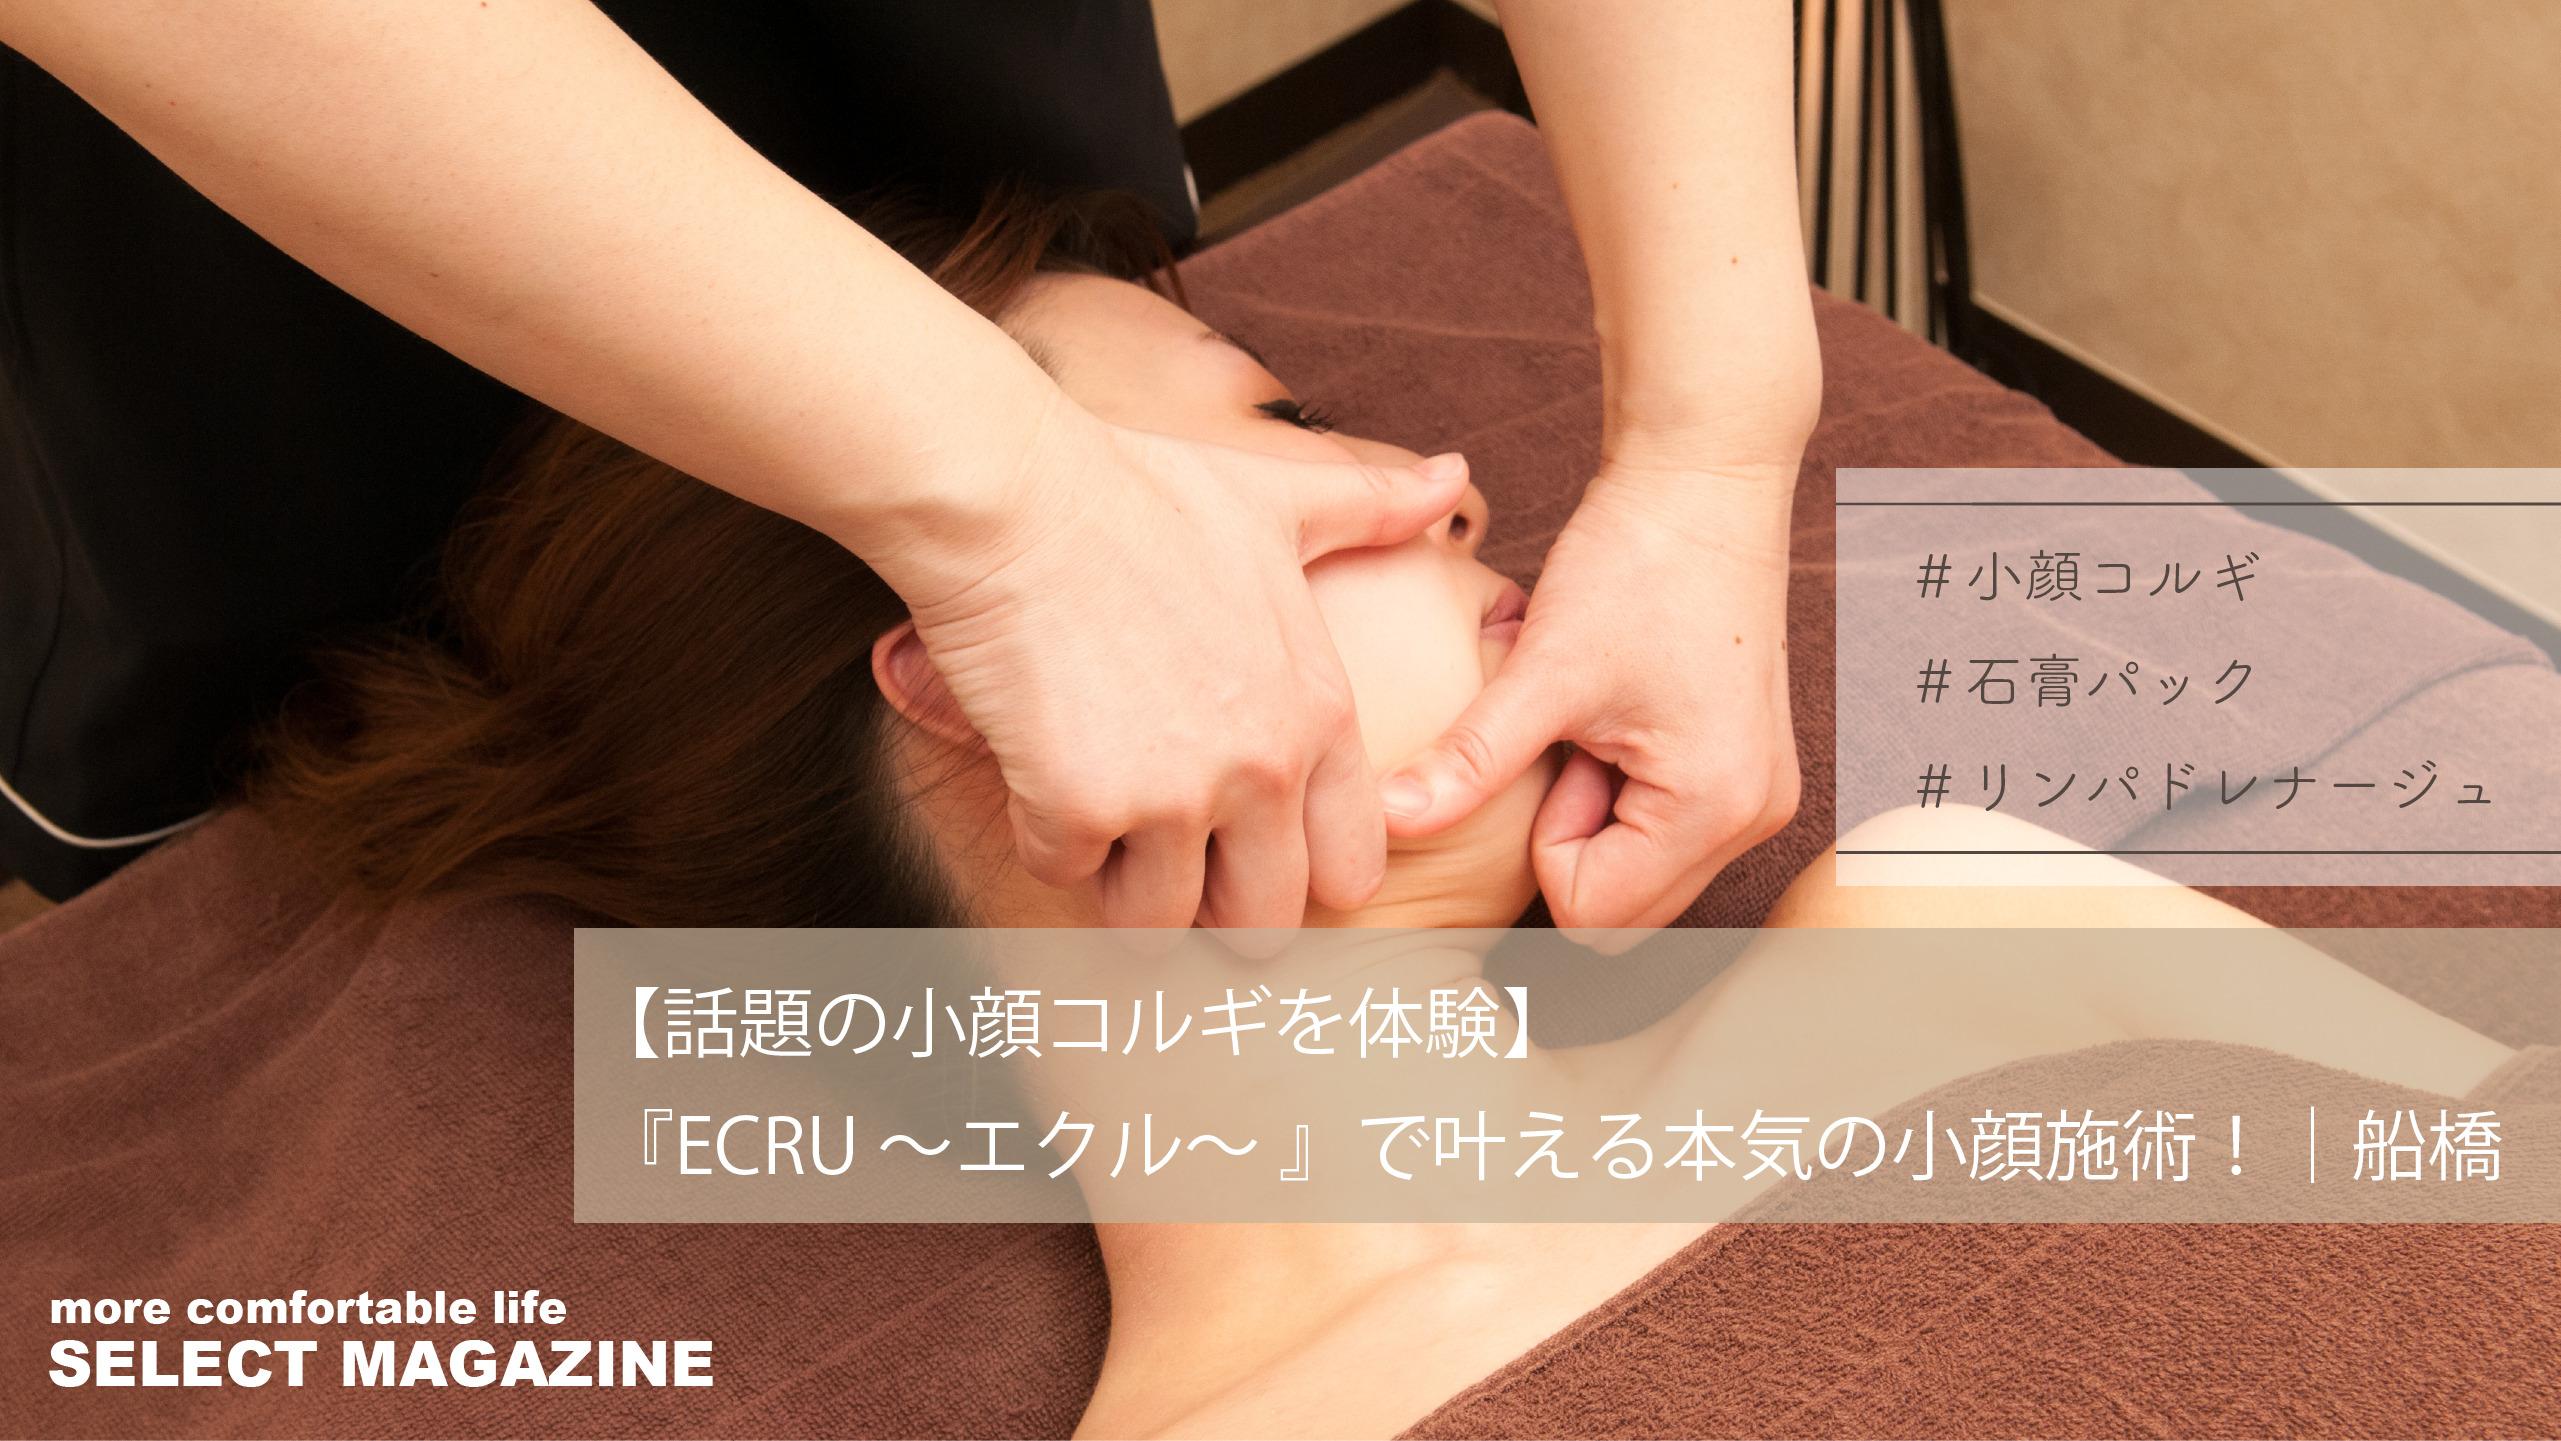 【話題の小顔コルギを体験】『ECRU 〜エクル〜 』で叶える本気の小顔施術!|船橋